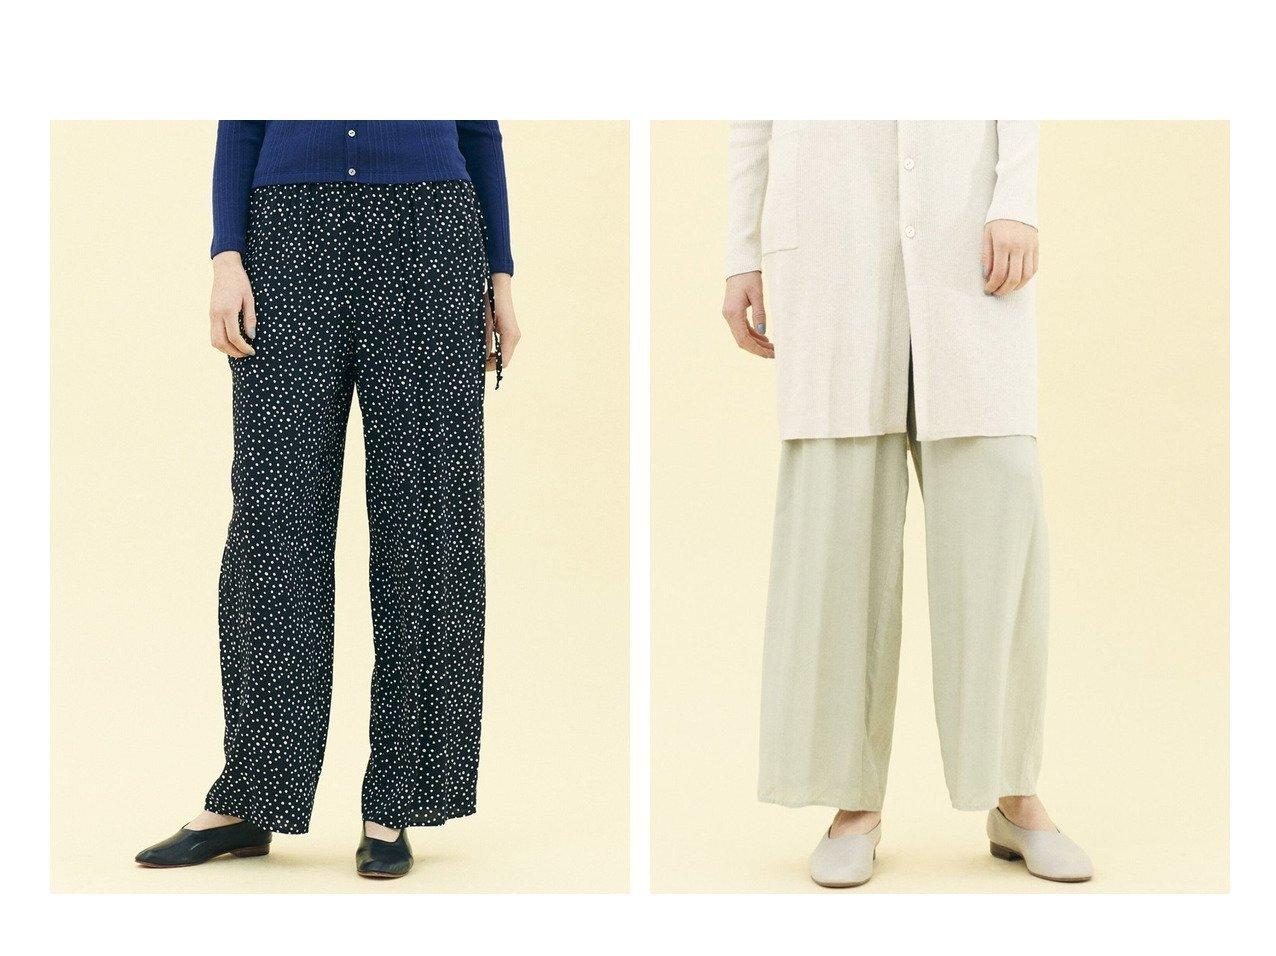 【GALERIE VIE / TOMORROWLAND/ギャルリー ヴィー】の【WEB】ウォッシャブルレーヨン イージーセミワイドパンツ パンツのおすすめ!人気、トレンド・レディースファッションの通販 おすすめで人気の流行・トレンド、ファッションの通販商品 メンズファッション・キッズファッション・インテリア・家具・レディースファッション・服の通販 founy(ファニー) https://founy.com/ ファッション Fashion レディースファッション WOMEN パンツ Pants カットソー シンプル ジーンズ ストリング ドット フィット 人気 定番 Standard  ID:crp329100000024958